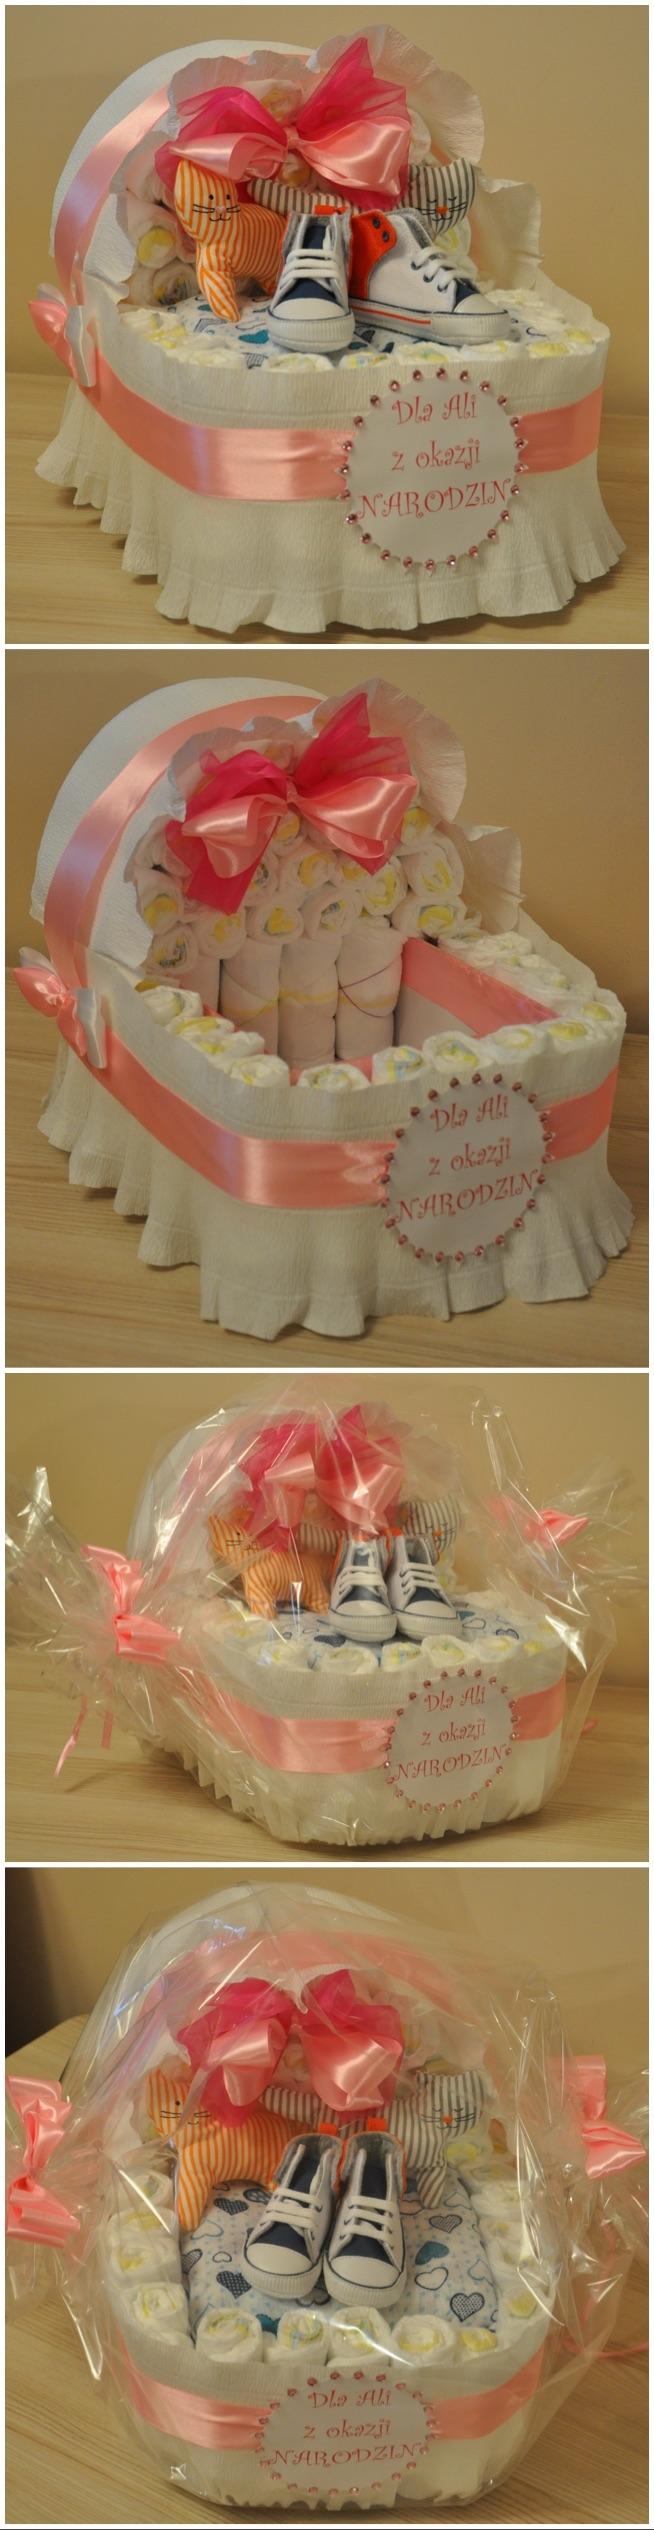 Dla Alusi z okazji narodzin... pampersowy wózek wypełniony ciuszkami :) <3 ... witaj na świecie maleństwo :))))